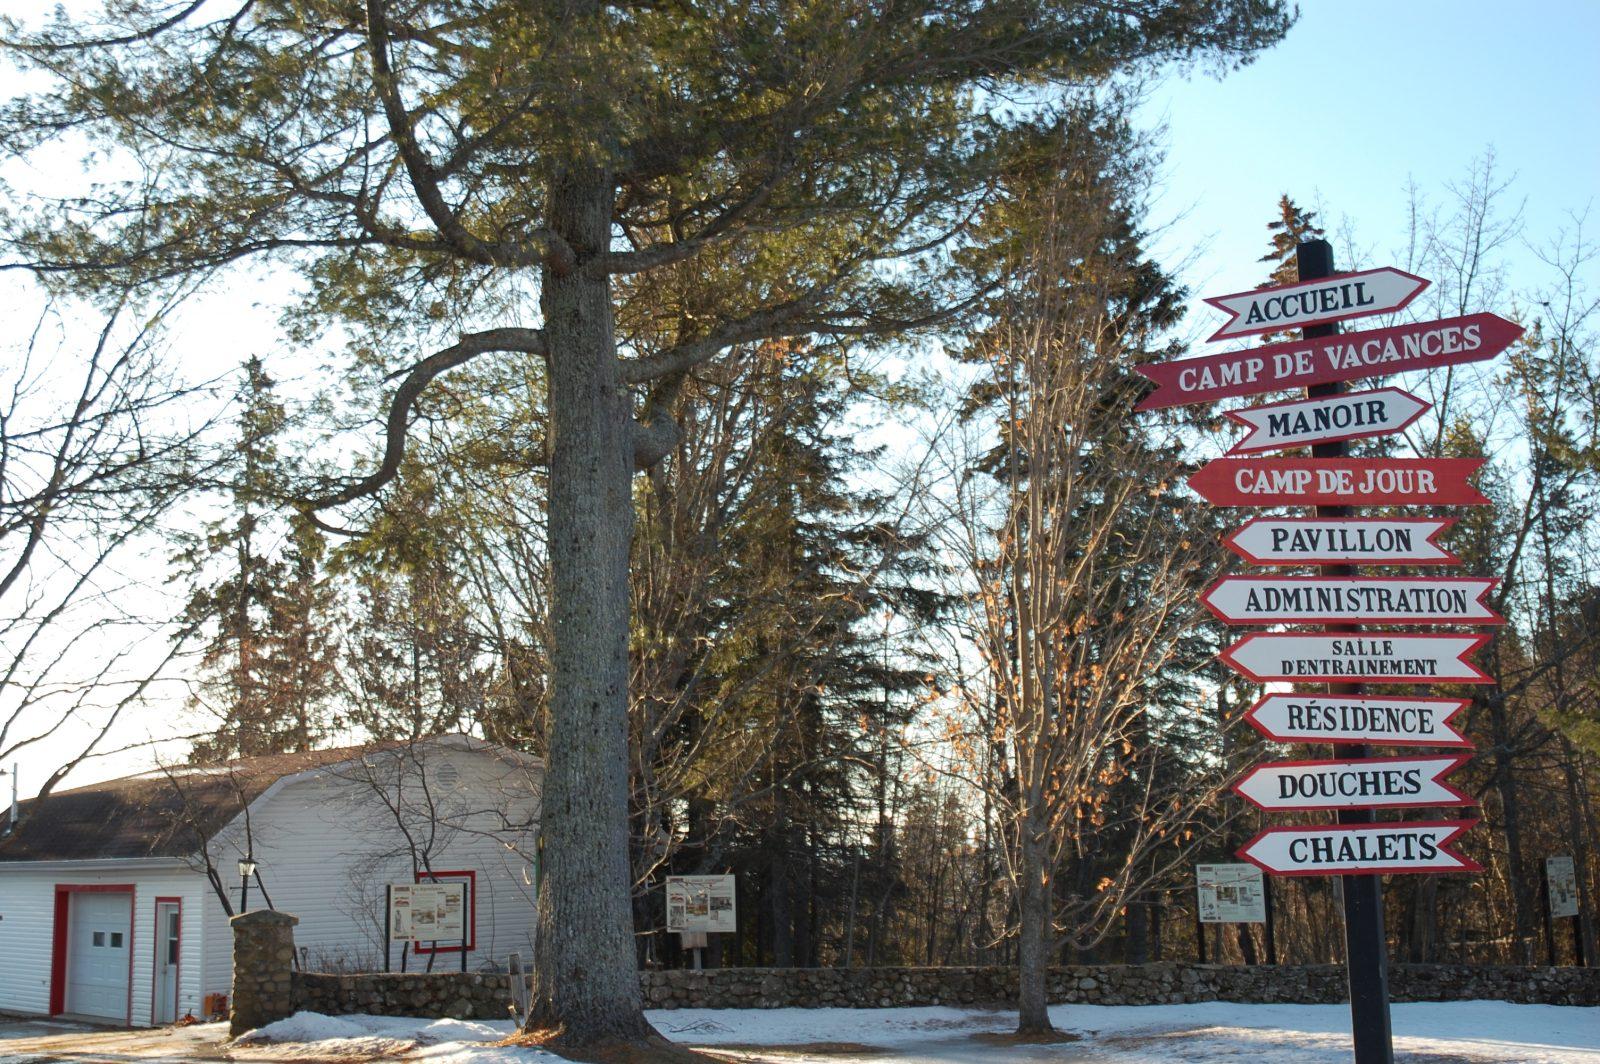 Le Camp Le Manoir des Éboulements et son aventure à 1 million$